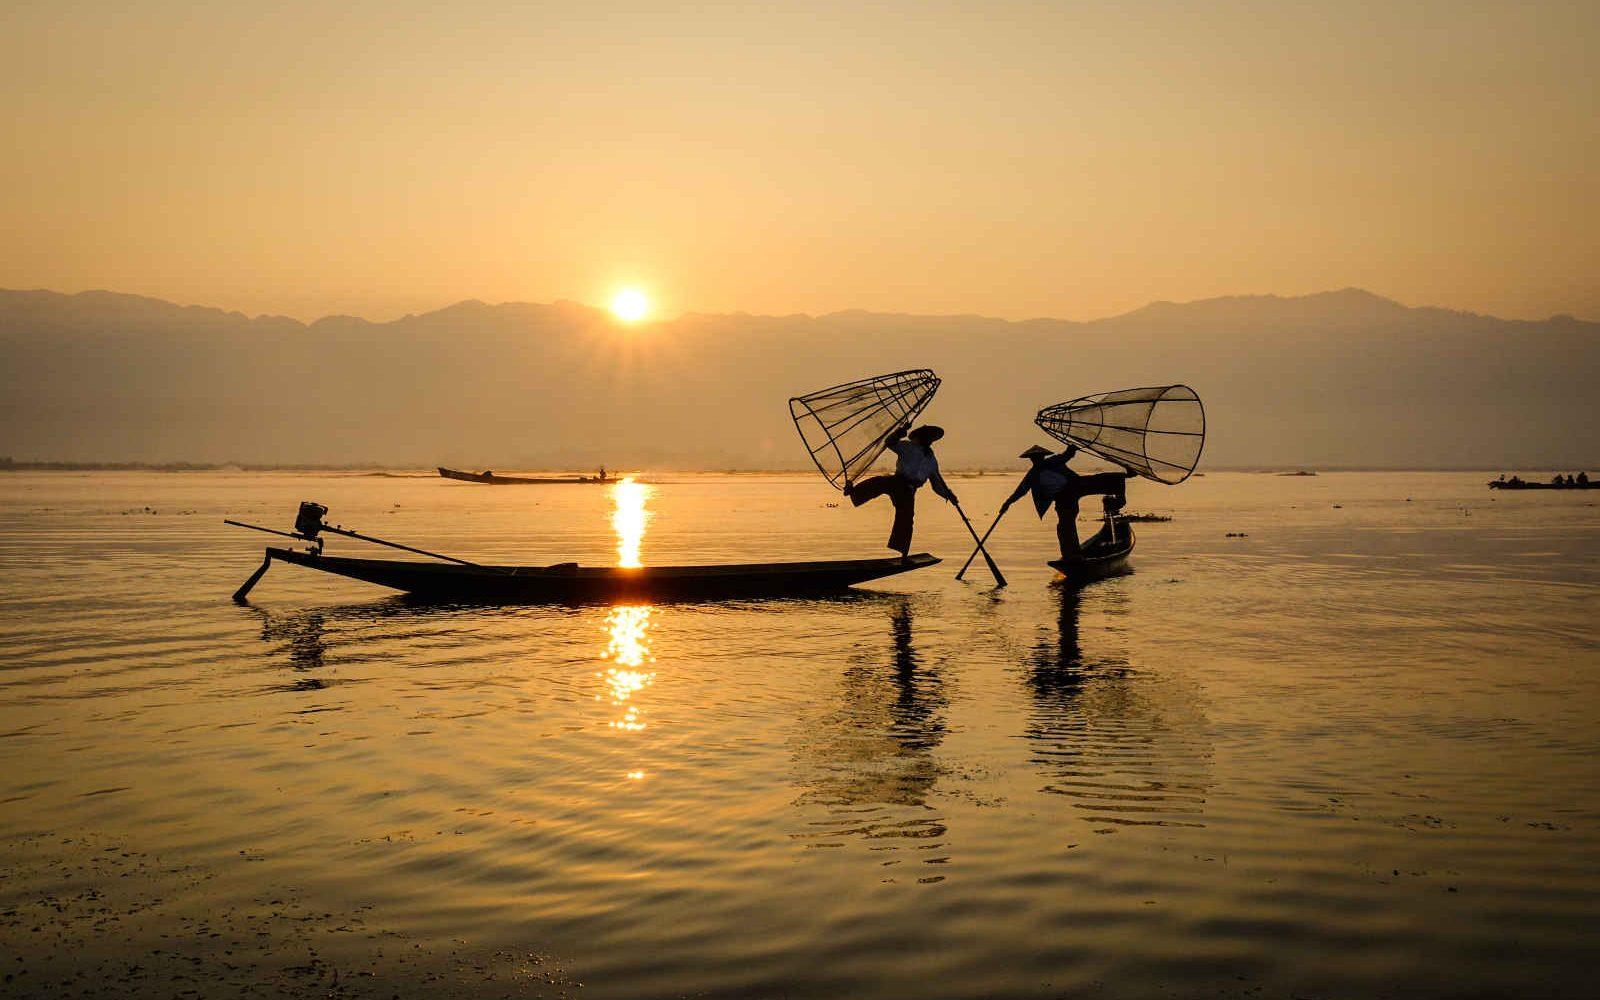 Technique de pêche par deux pêcheurs, Lac Inle, Shan, Myanmar